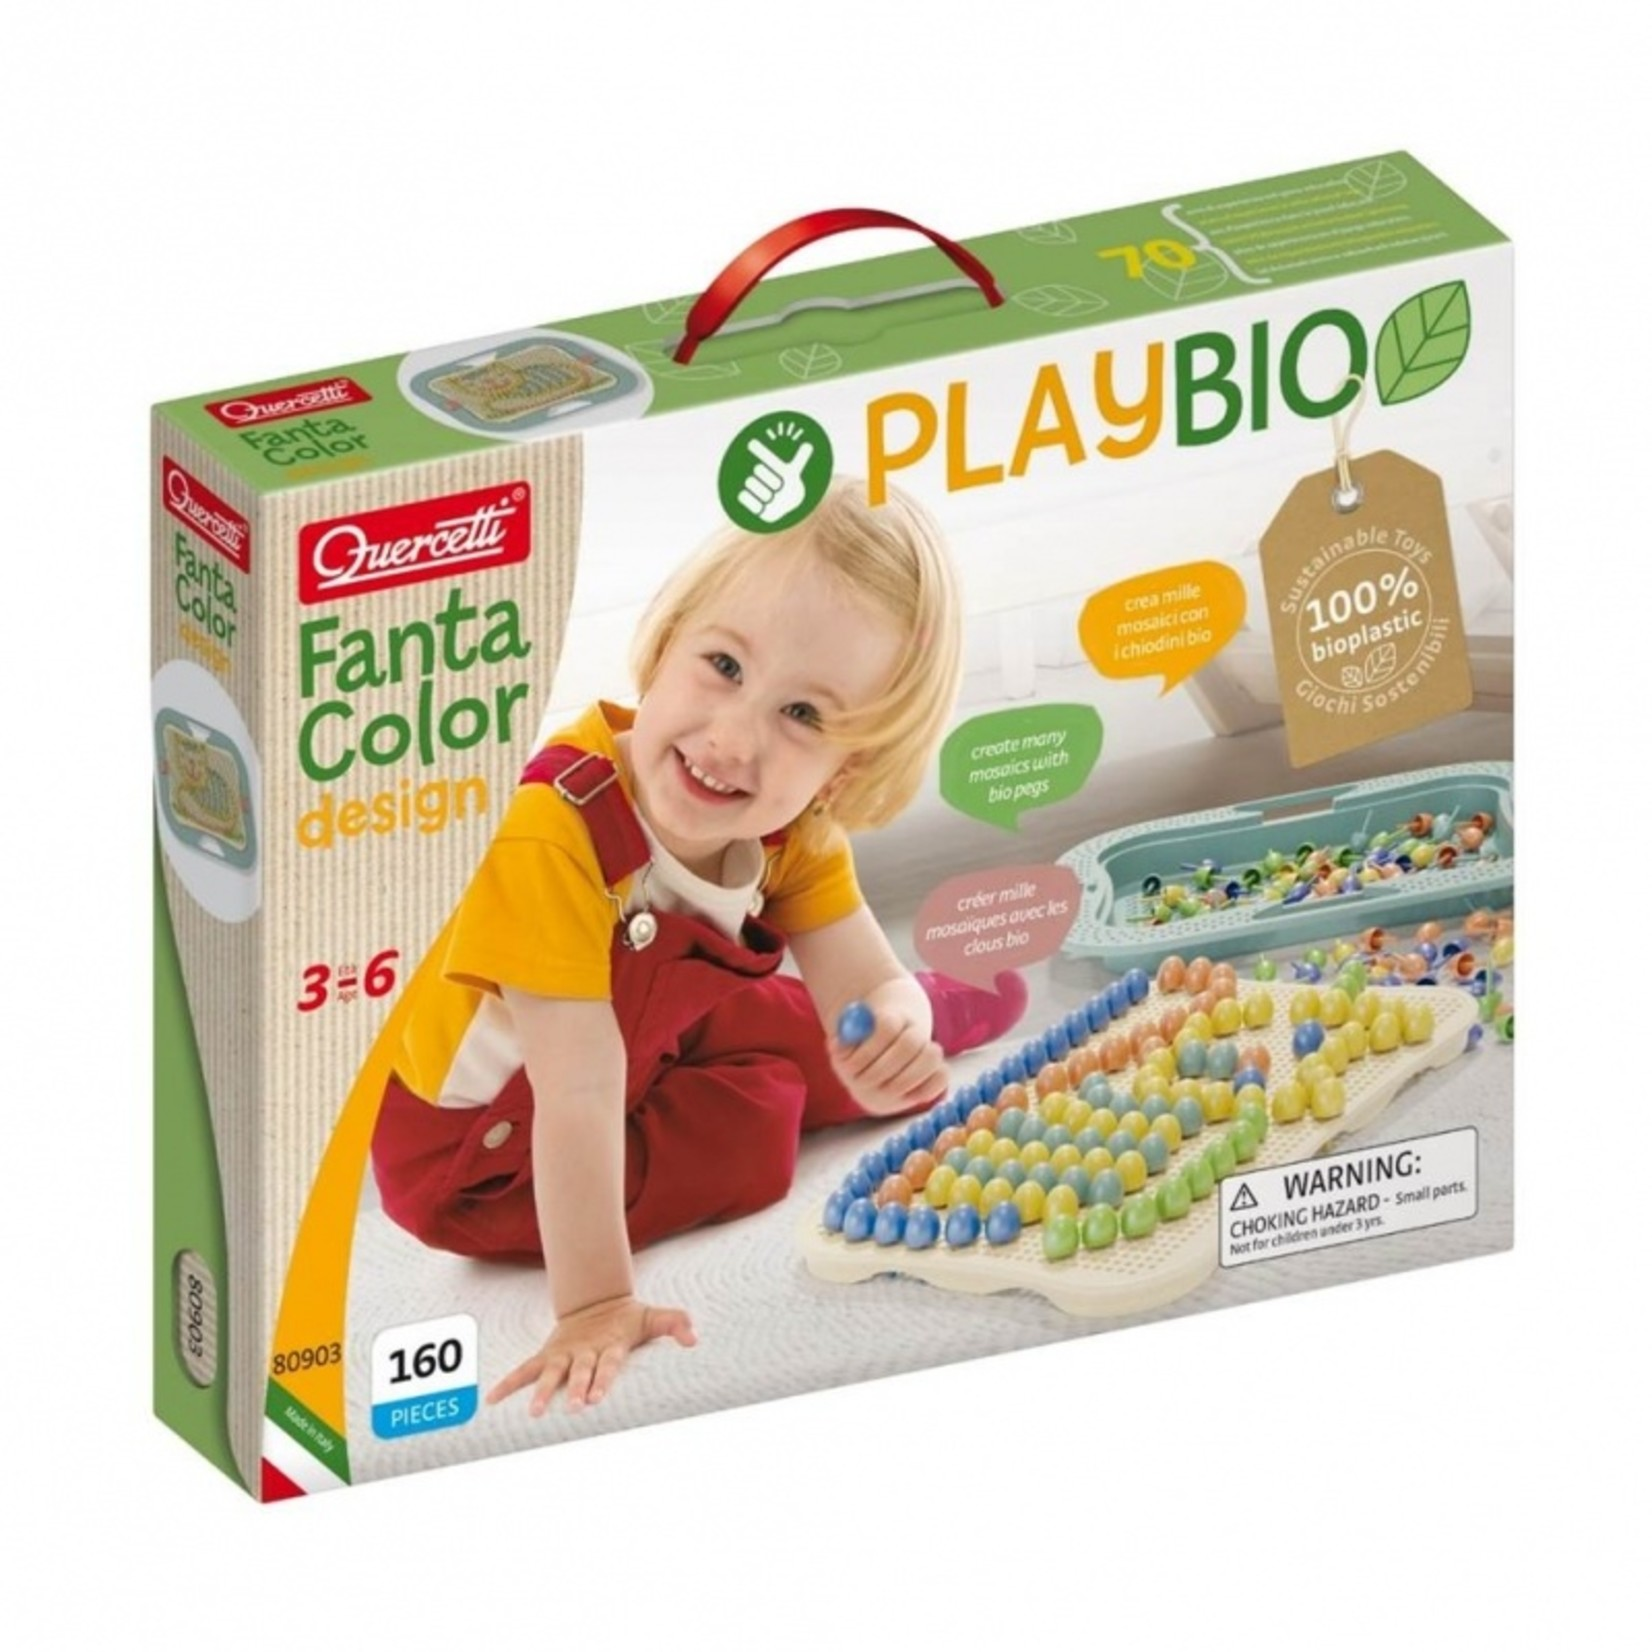 Play Bio FantaColor insteekmozaïek (160-delig)